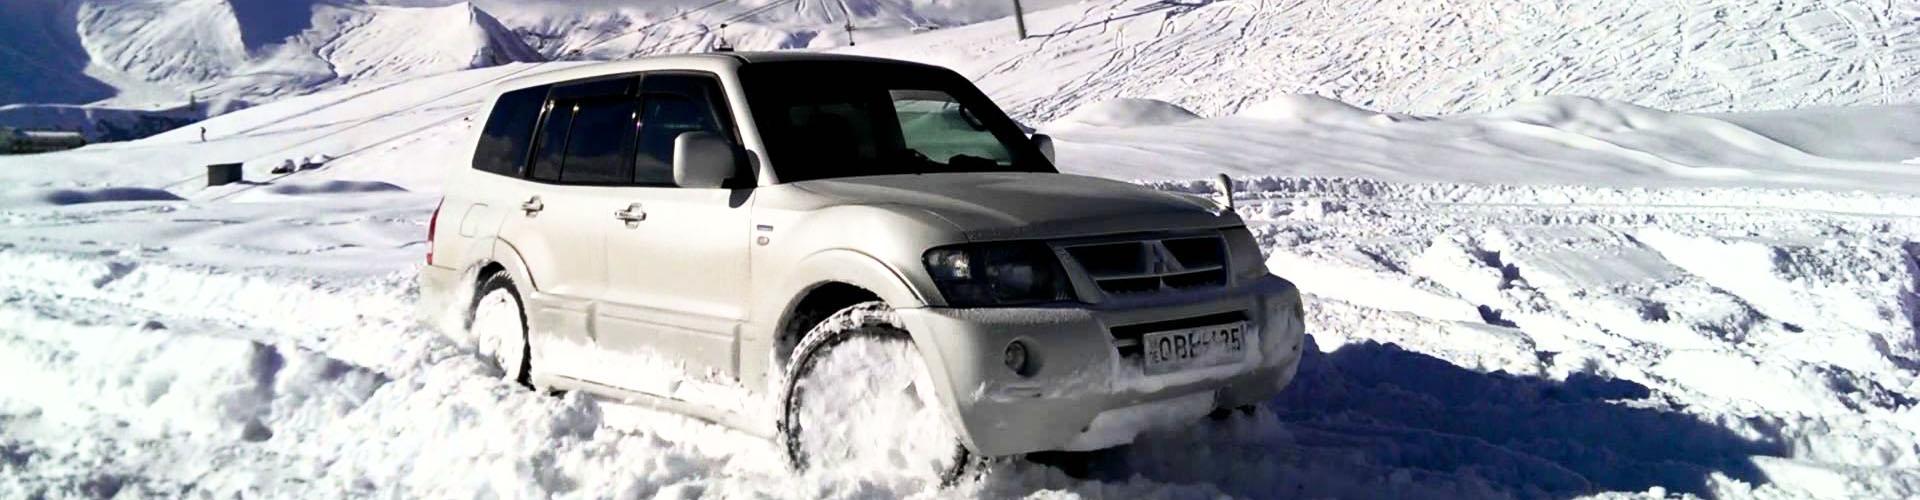 Sneeuwkettingen voor de Mitsubishi Pajero